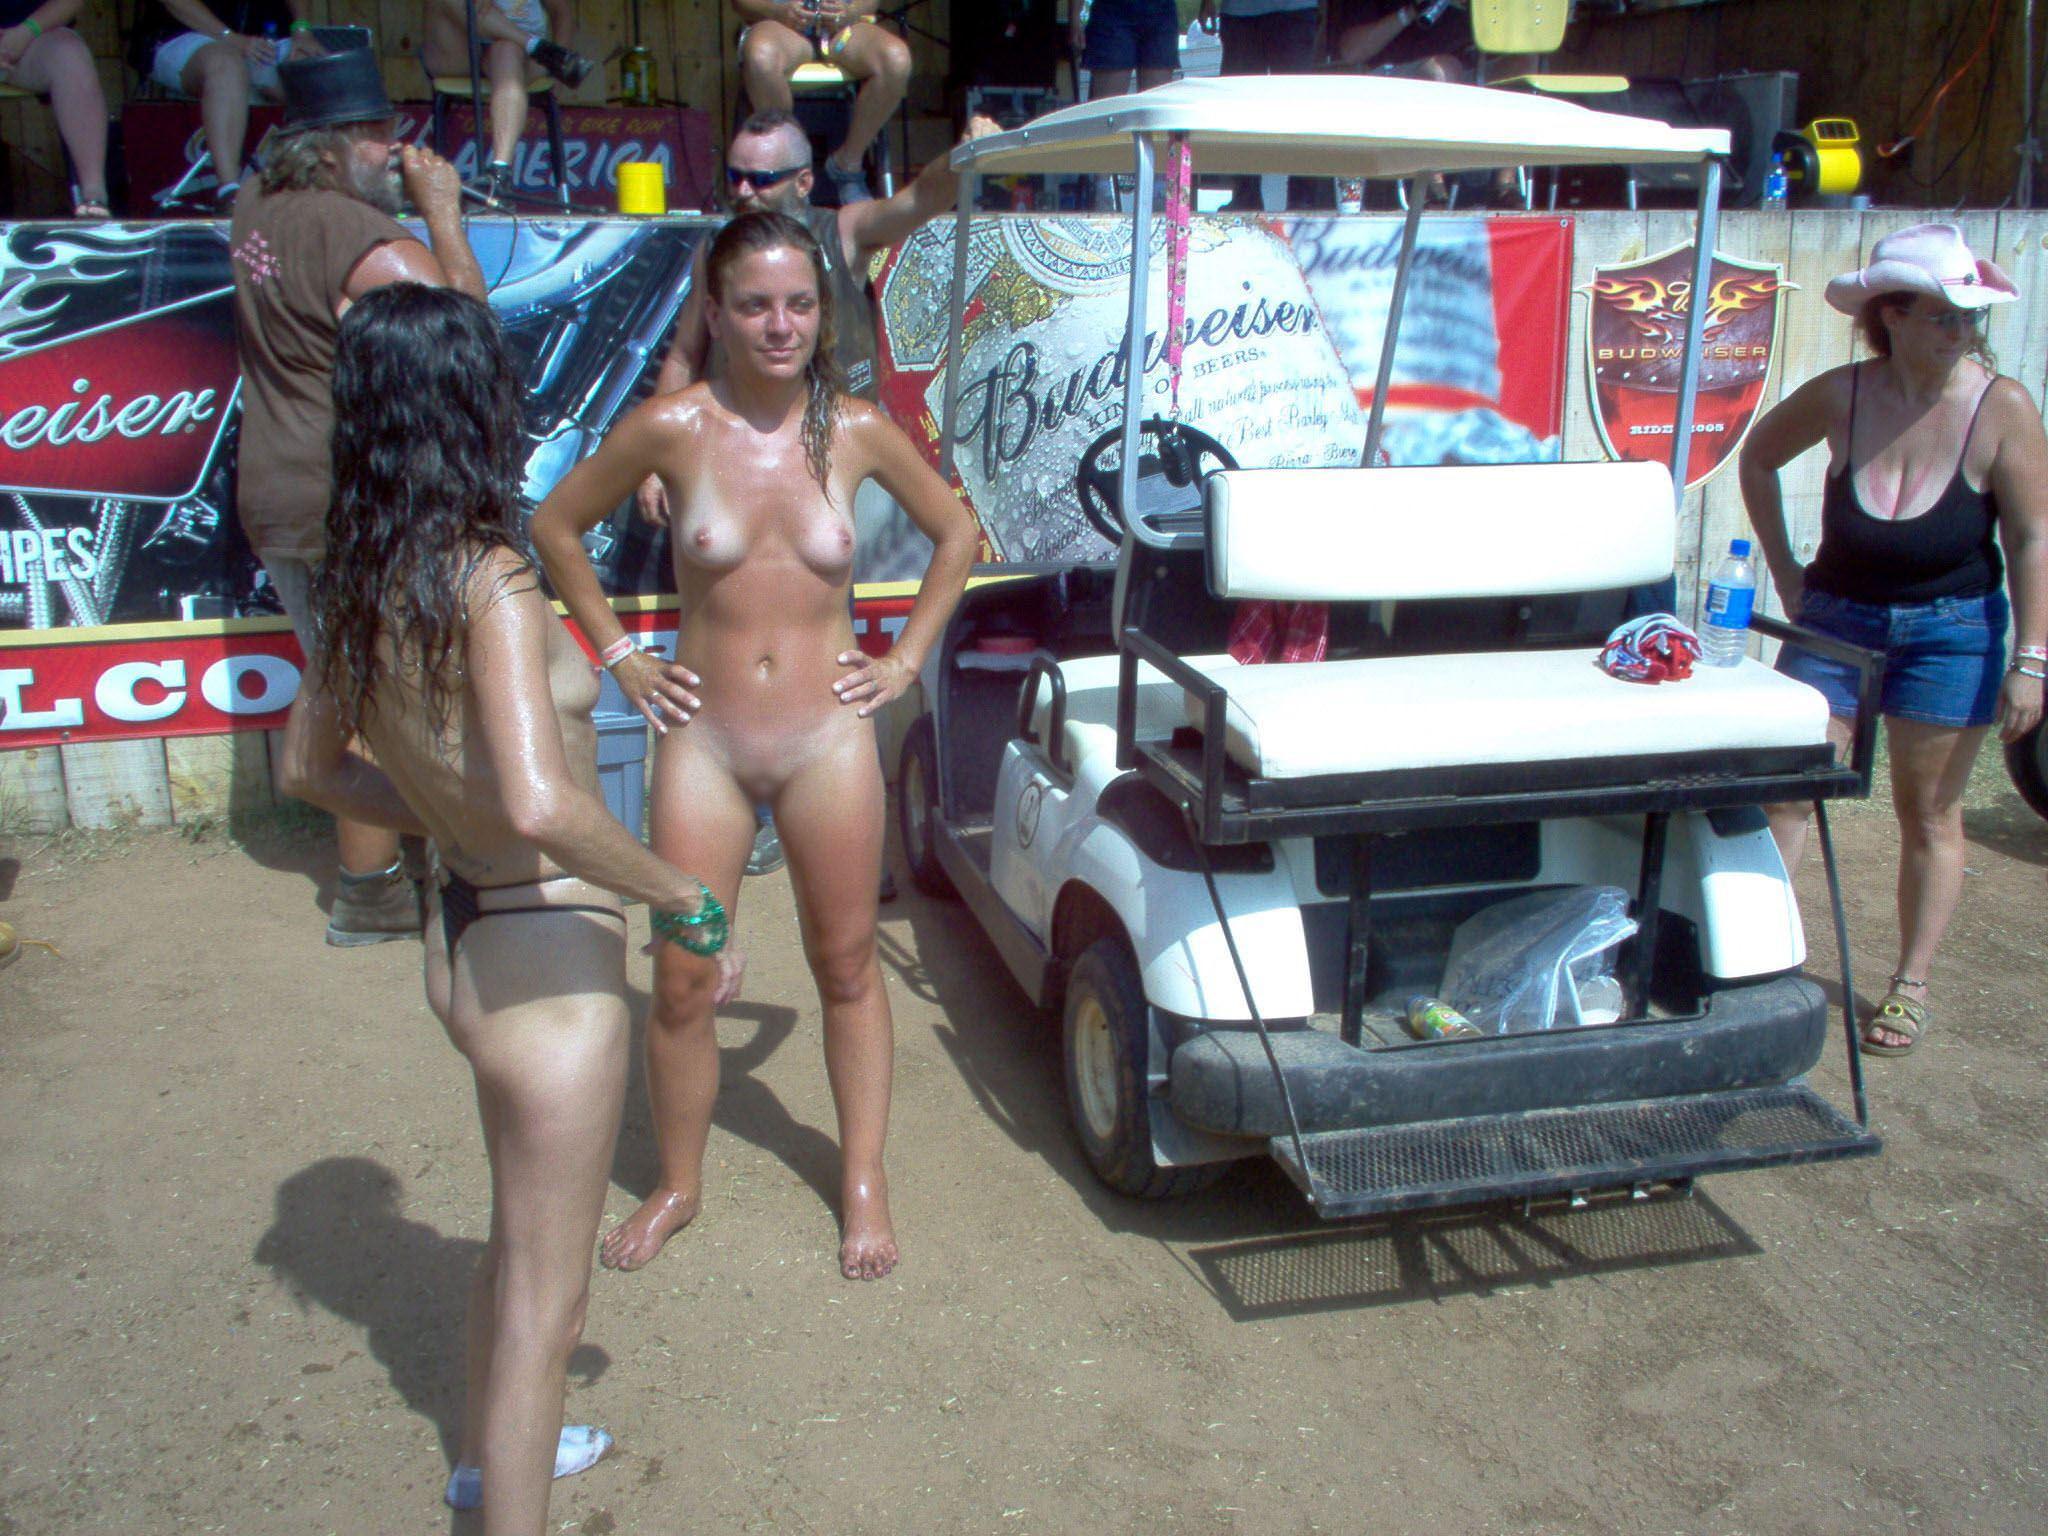 【外人】みんな当たり前のように裸で外をうろつく露出お祭りのポルノ画像 41111